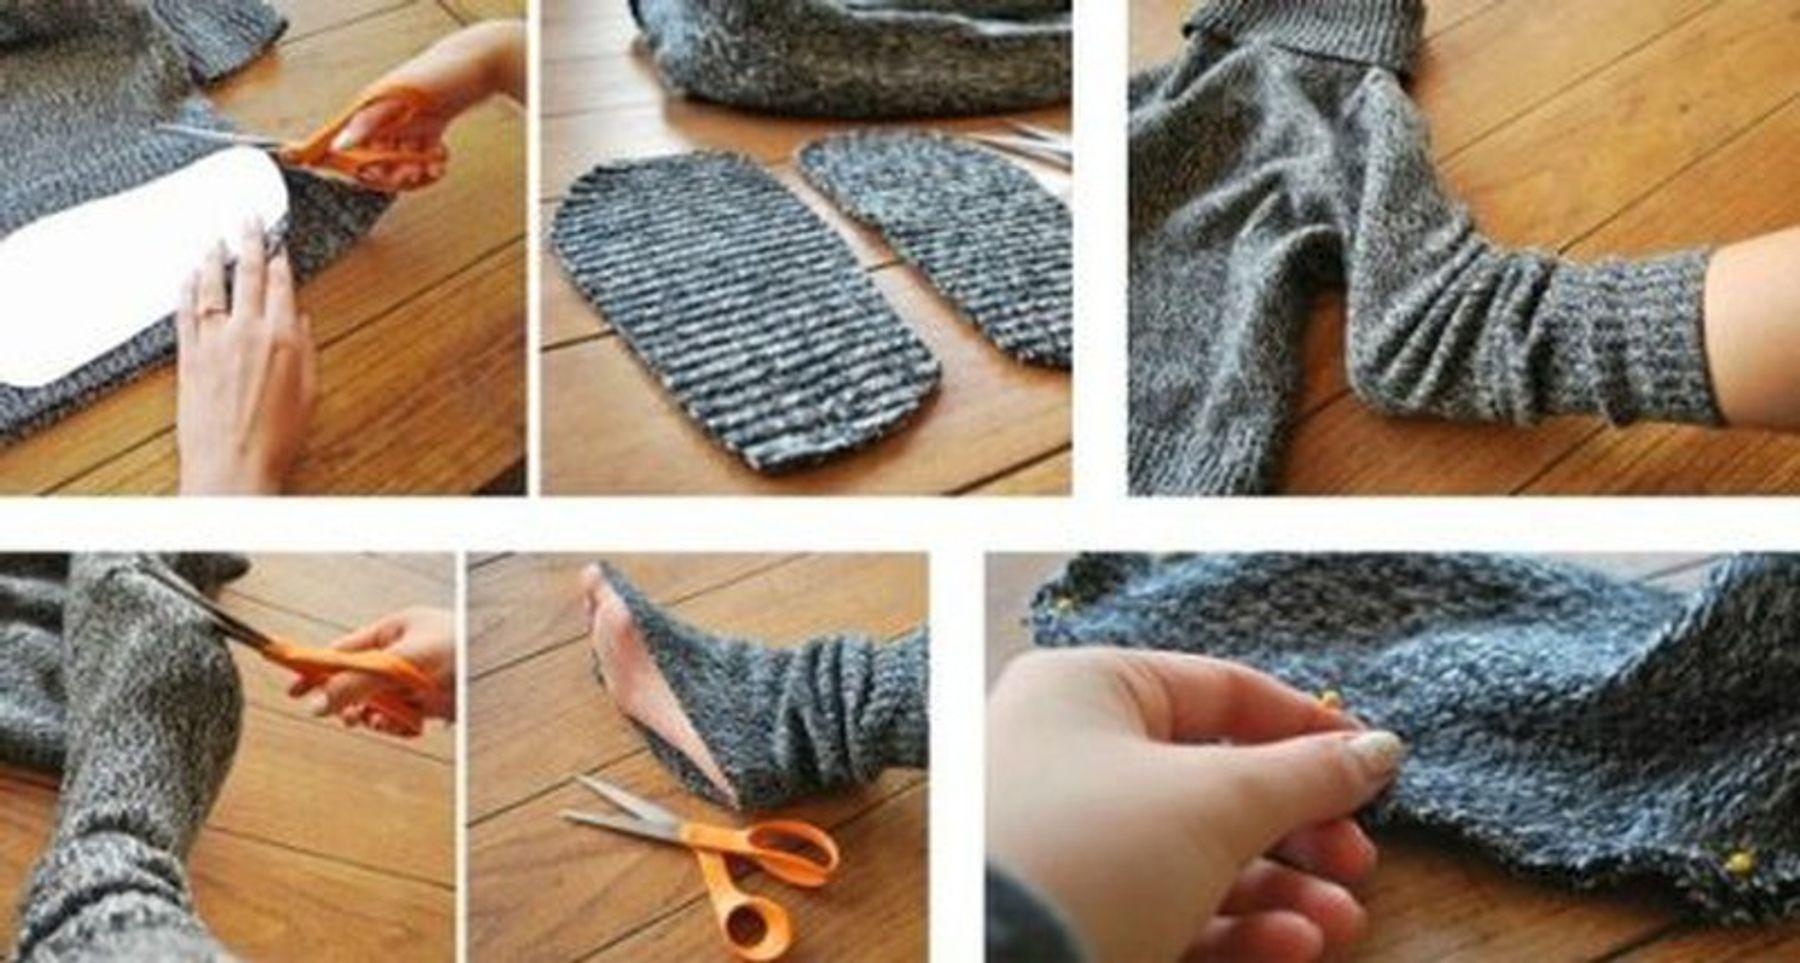 Tái chế áo len cũ thành vớ chân, vớ tay